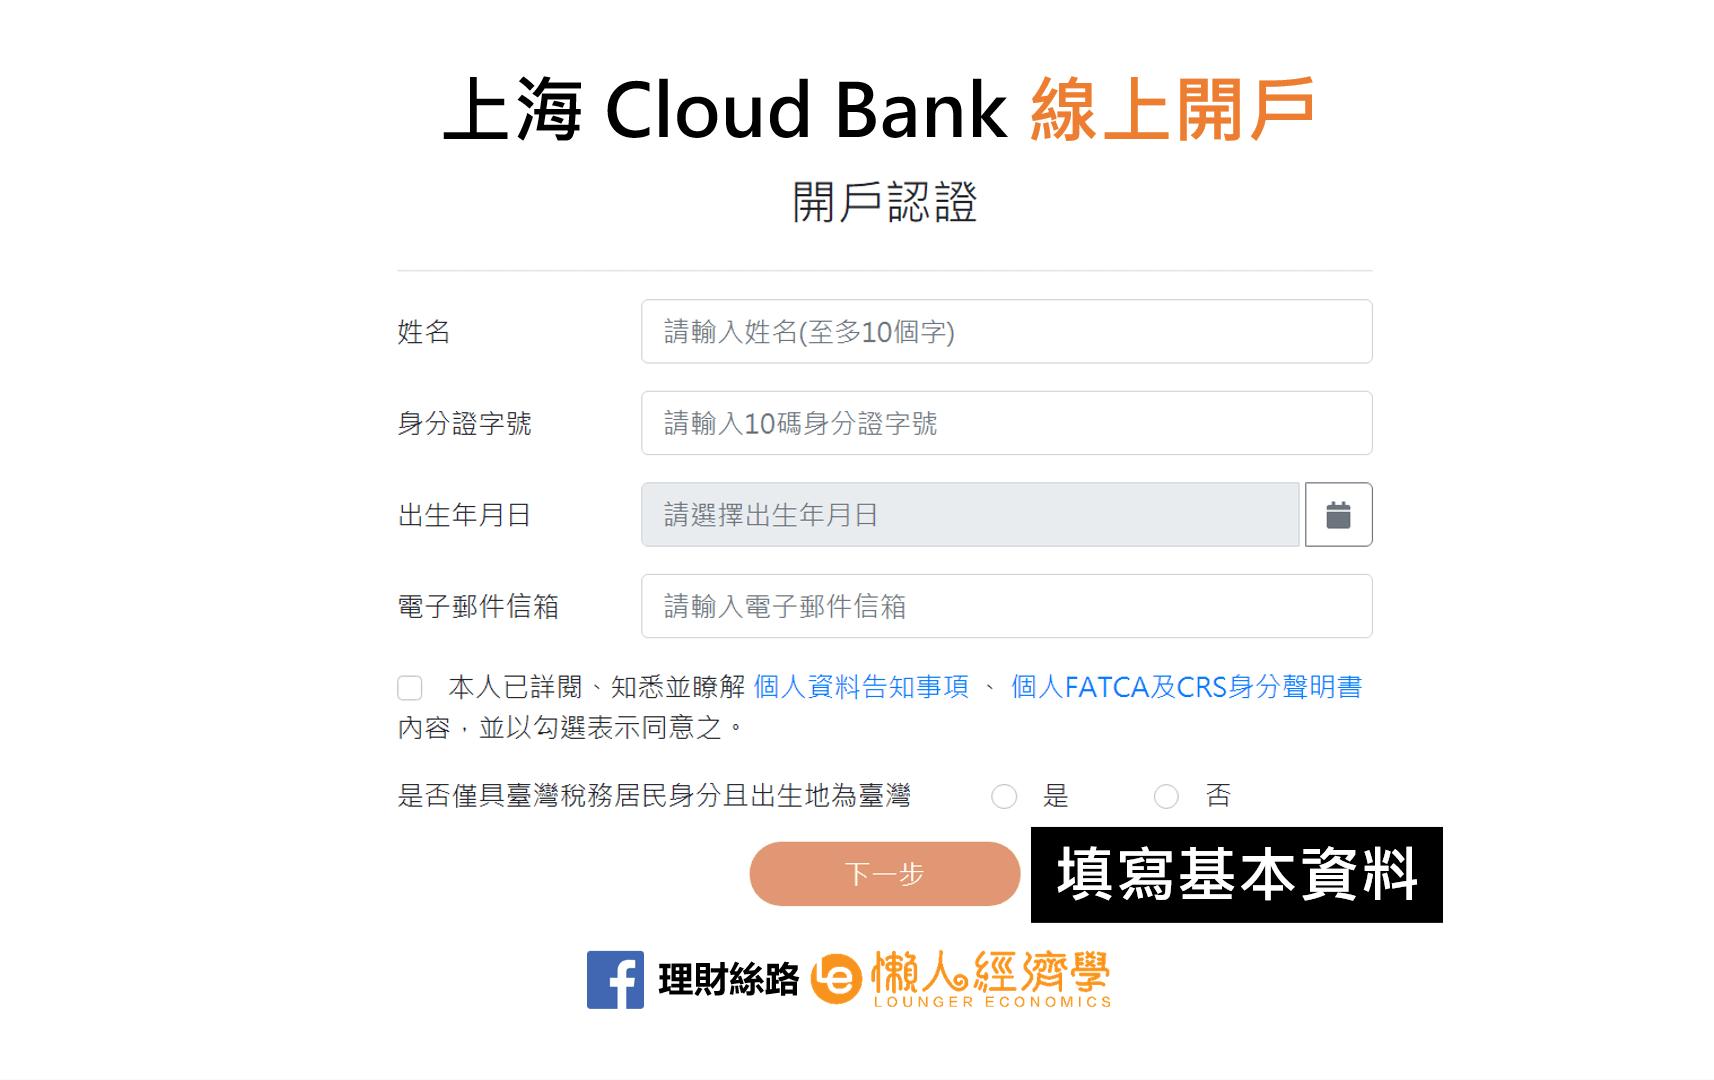 上海Cloud Bank開戶認證